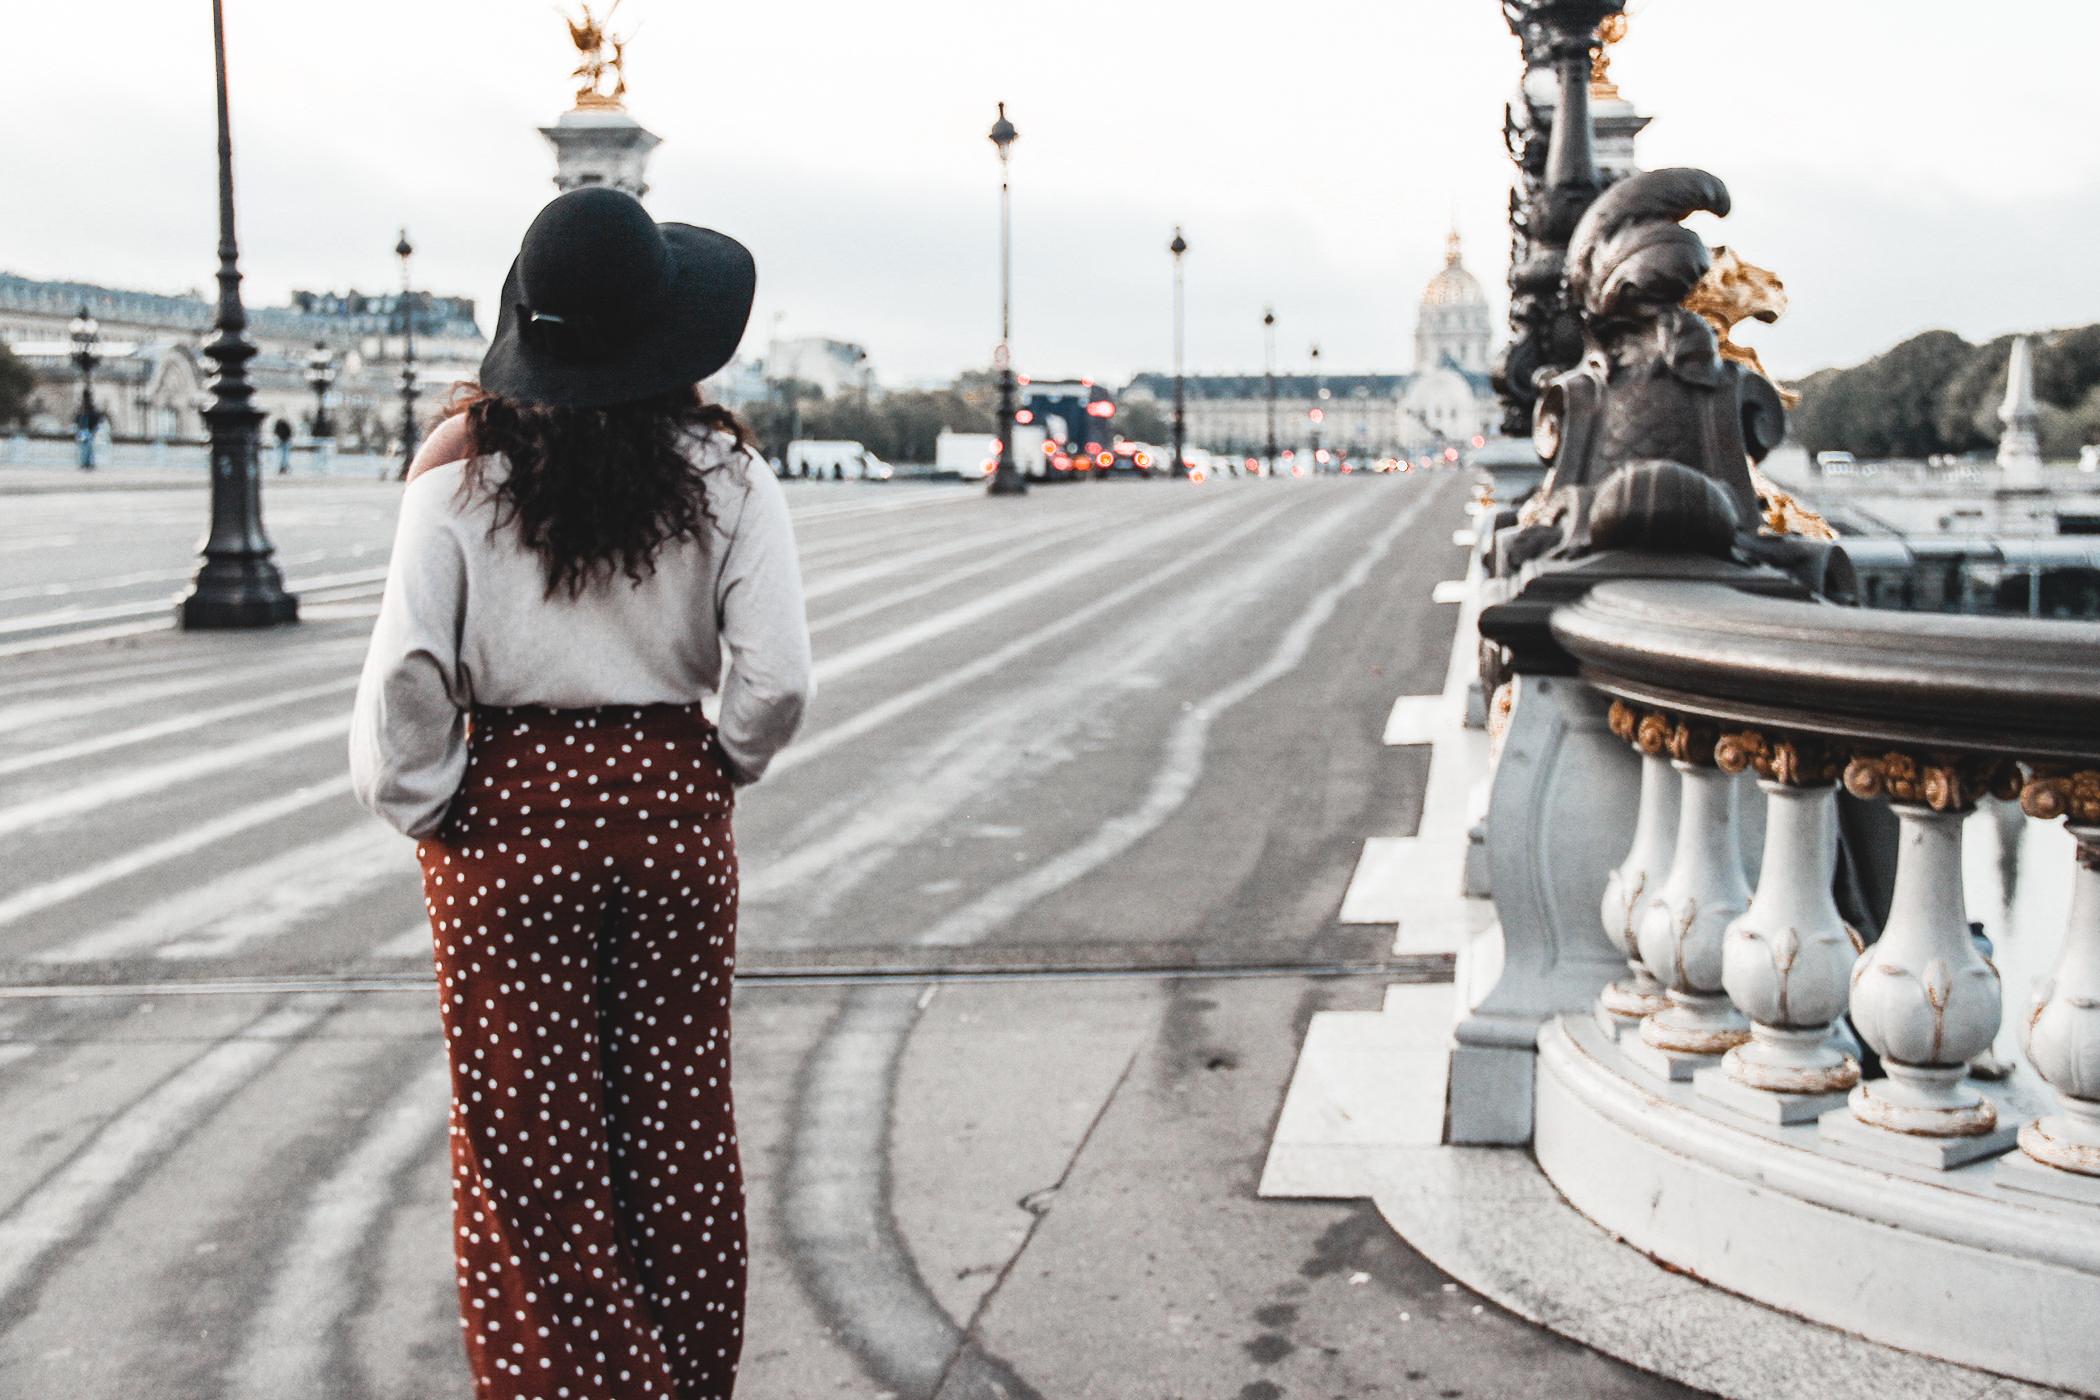 Pont Alexandre III, Le parfait itinéraire si vous aimez vous baladez dans l'art Parisien